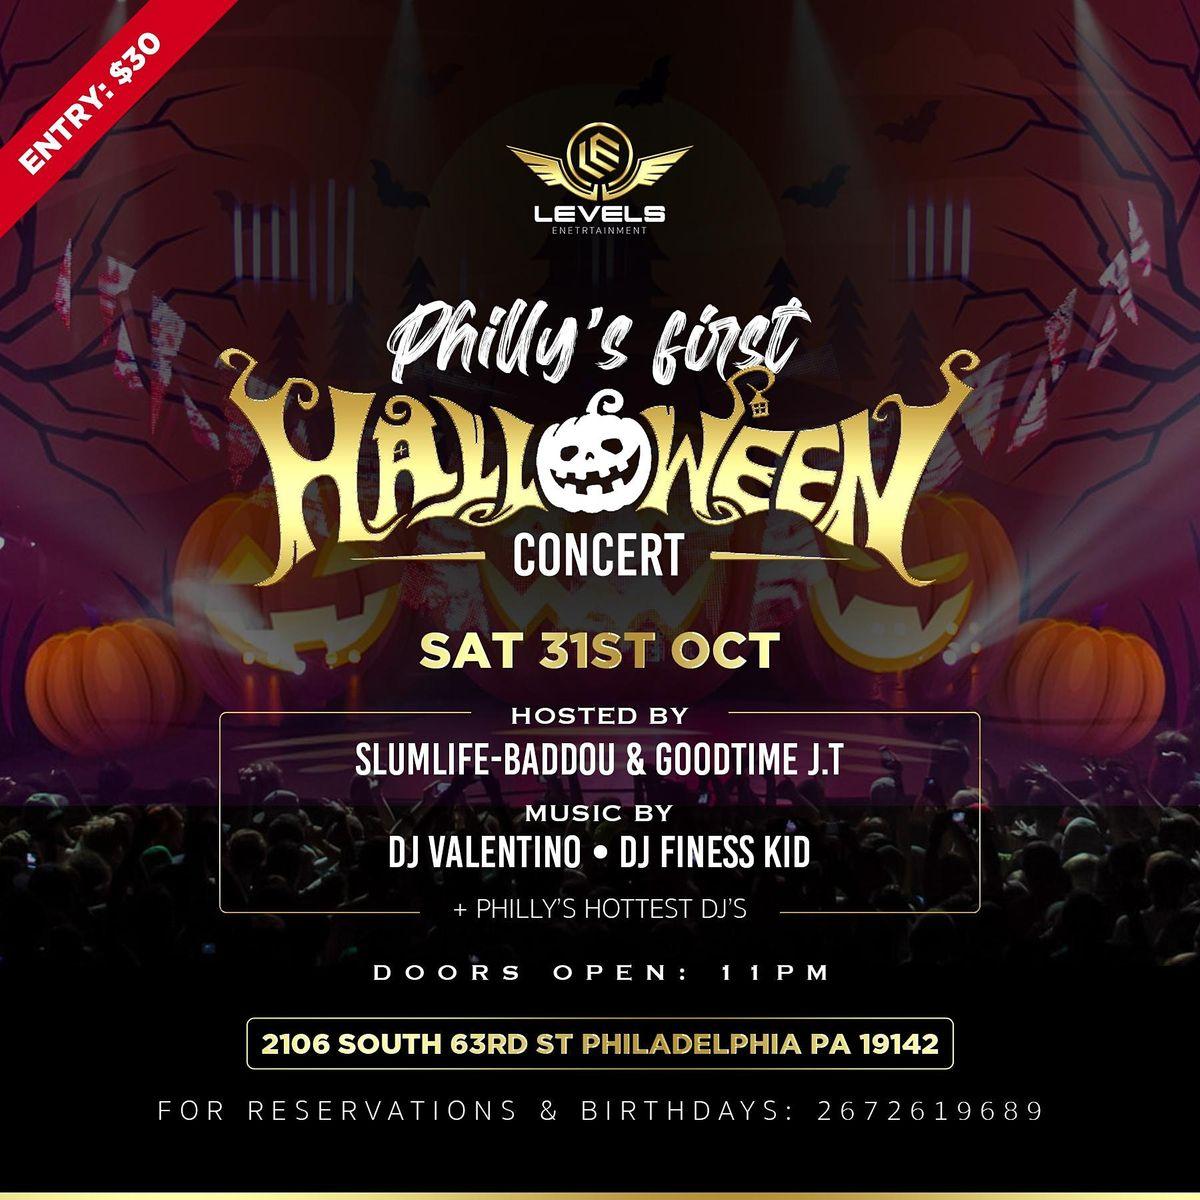 Philadelphia Halloween Events October 31 2020 Phillys first Halloween Concert, 2106 S 63rd St, Philadelphia, 31